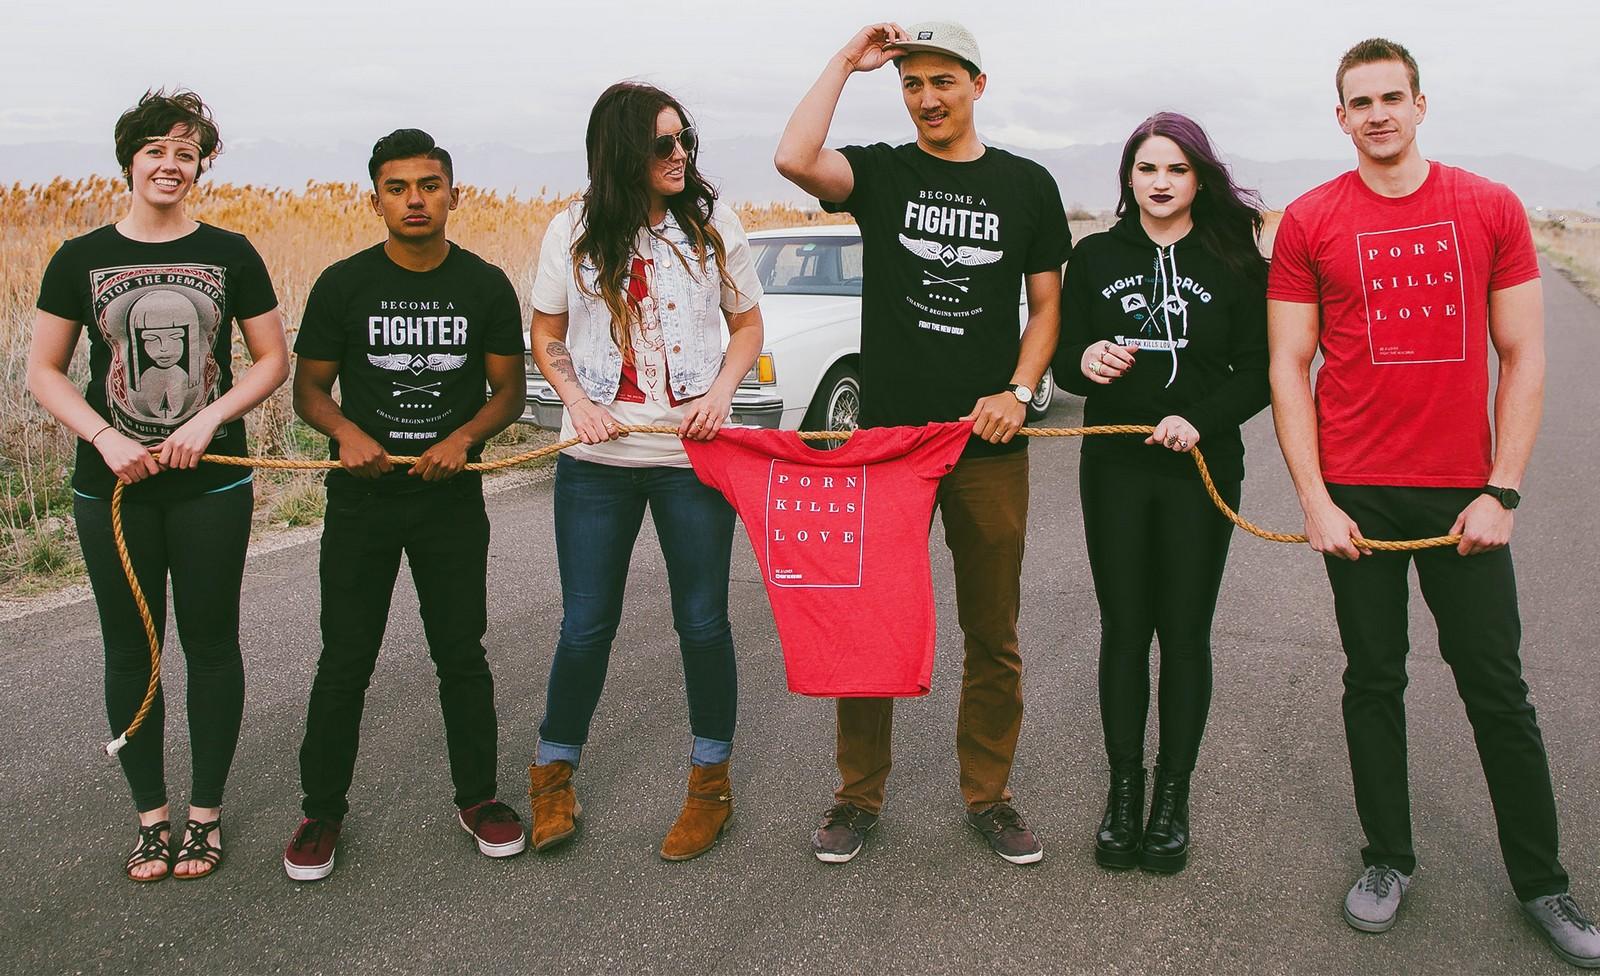 Se ha lanzado una Exitosa Campaña para Combatir la PORNOGRAFÍA que ha logrado Asociar a Celebridades…